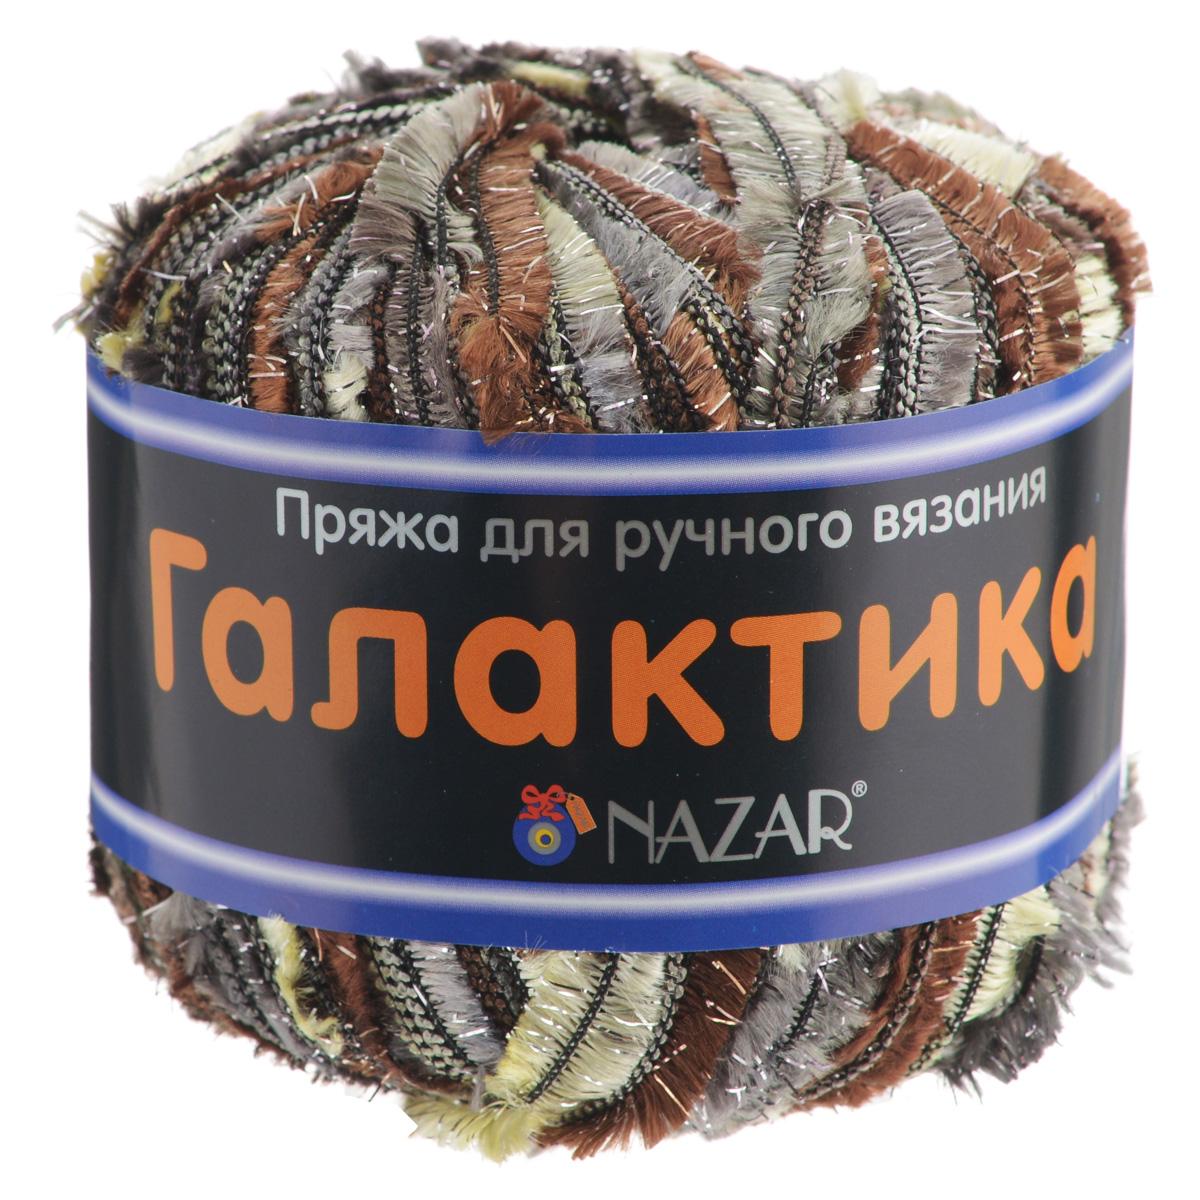 Пряжа для вязания Nazar Галактика, цвет: крем, коричневый, серый (2090), 125 м, 50 г, 10 шт349007_2090Пряжа для вязания Nazar Галактика изготовлена из полиэстера с добавлением люрекса. Это очень популярная декоративная пряжа для ручного вязания. Из нее получаются модные и очень красивые палантины, роскошные пелерины и нарядные кофточки. Пряжа очень красивая, вяжется легко и быстро. Может использоваться как основная или отделочная пряжа. Если сложить 1 нить Галактики с 1-й нитью классической пряжи, подходящей по цвету и фактуре, вы можете создать свое неповторимое полотно. Для вязания рекомендуется крючок №5-8 и спицы №5-6. Состав: 80% полиэстер, 20% люрекс. Ширина нити: 10 мм. Комплектация: 10 шт.